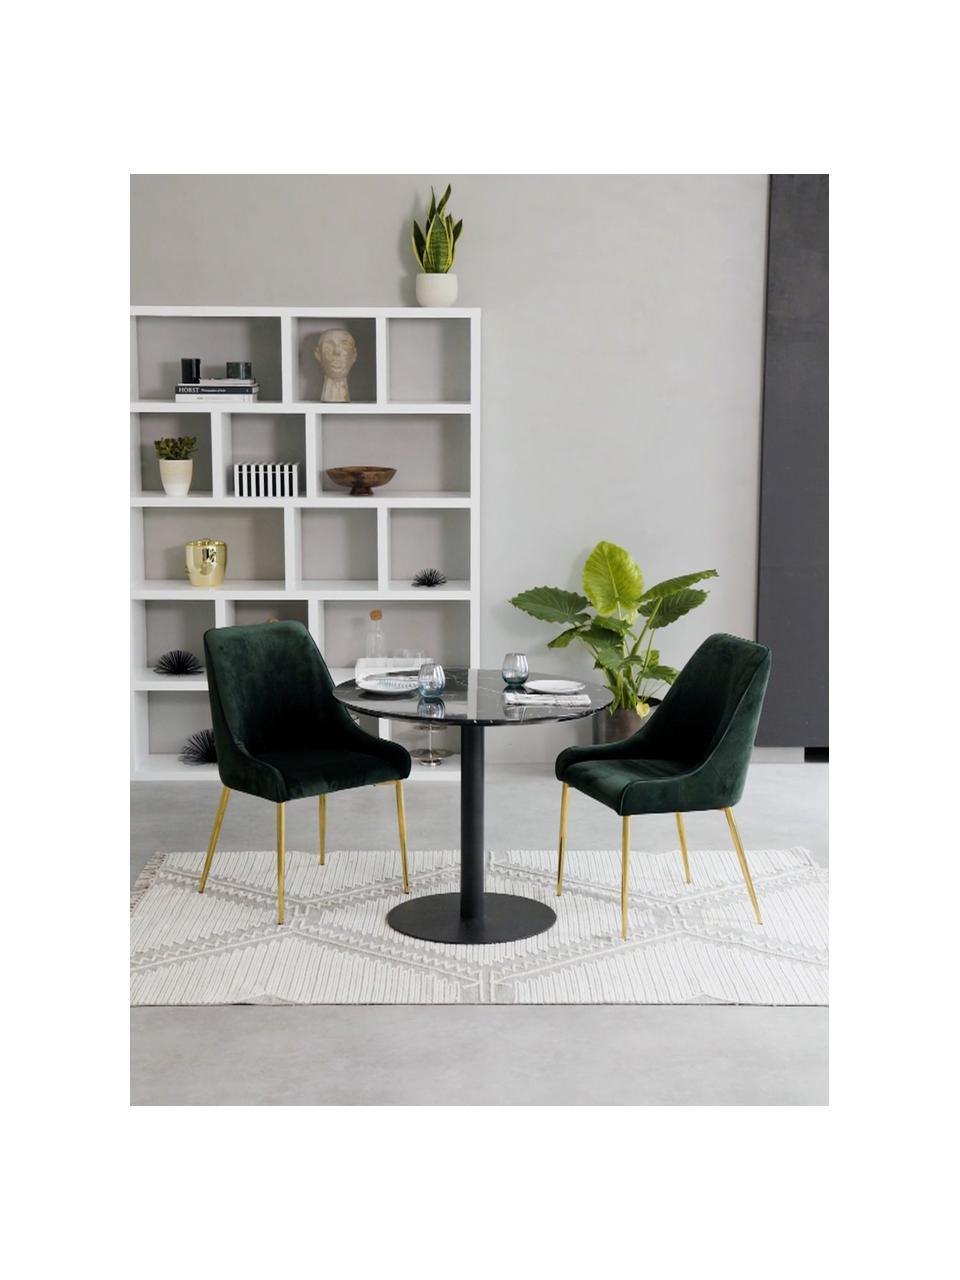 Krzesło tapicerowane z aksamitu Ava, Tapicerka: aksamit (100% poliester) , Nogi: metal galwanizowany, Aksamitny ciemny zielony, S 53 x G 60 cm